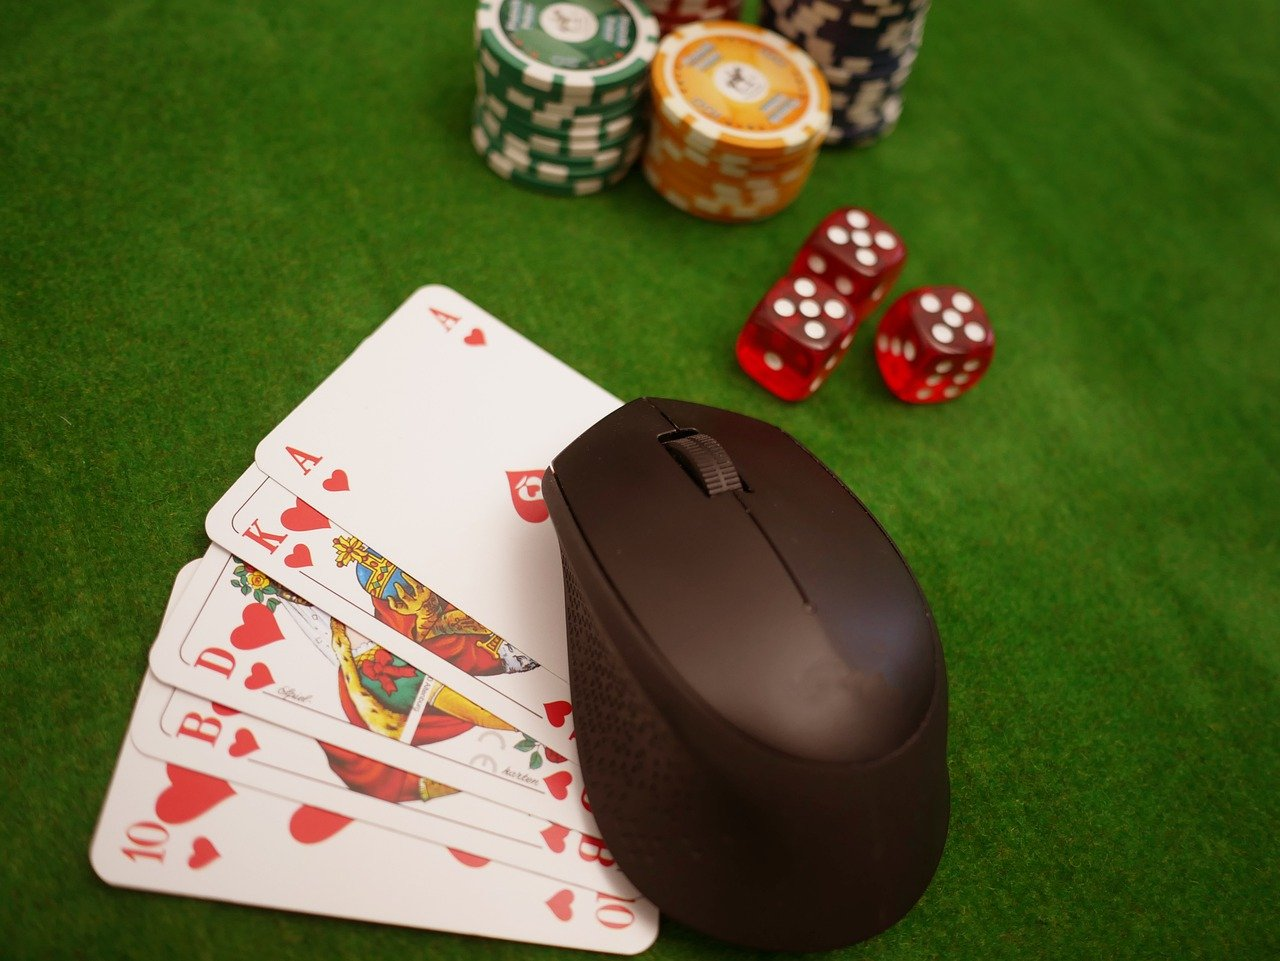 Das-sind-die-neusten-Techniken-f-r-Online-Casinos